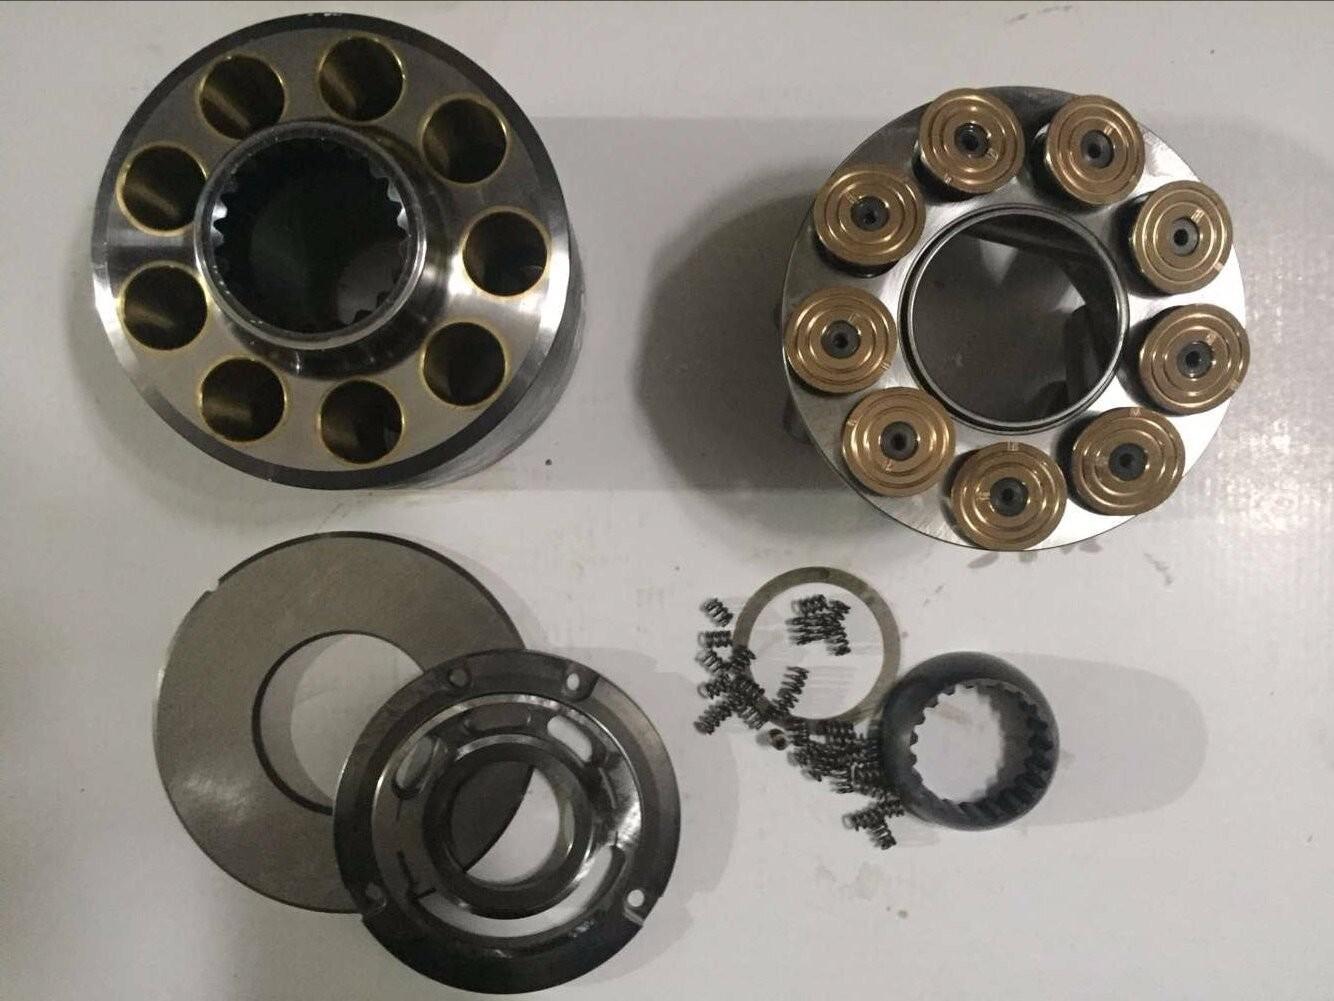 LIEBHERR DPVP108 Main Hydraulic Pump Spare Parts , LIEBHERR Hydraulic Piston Parts For Mini Excavator